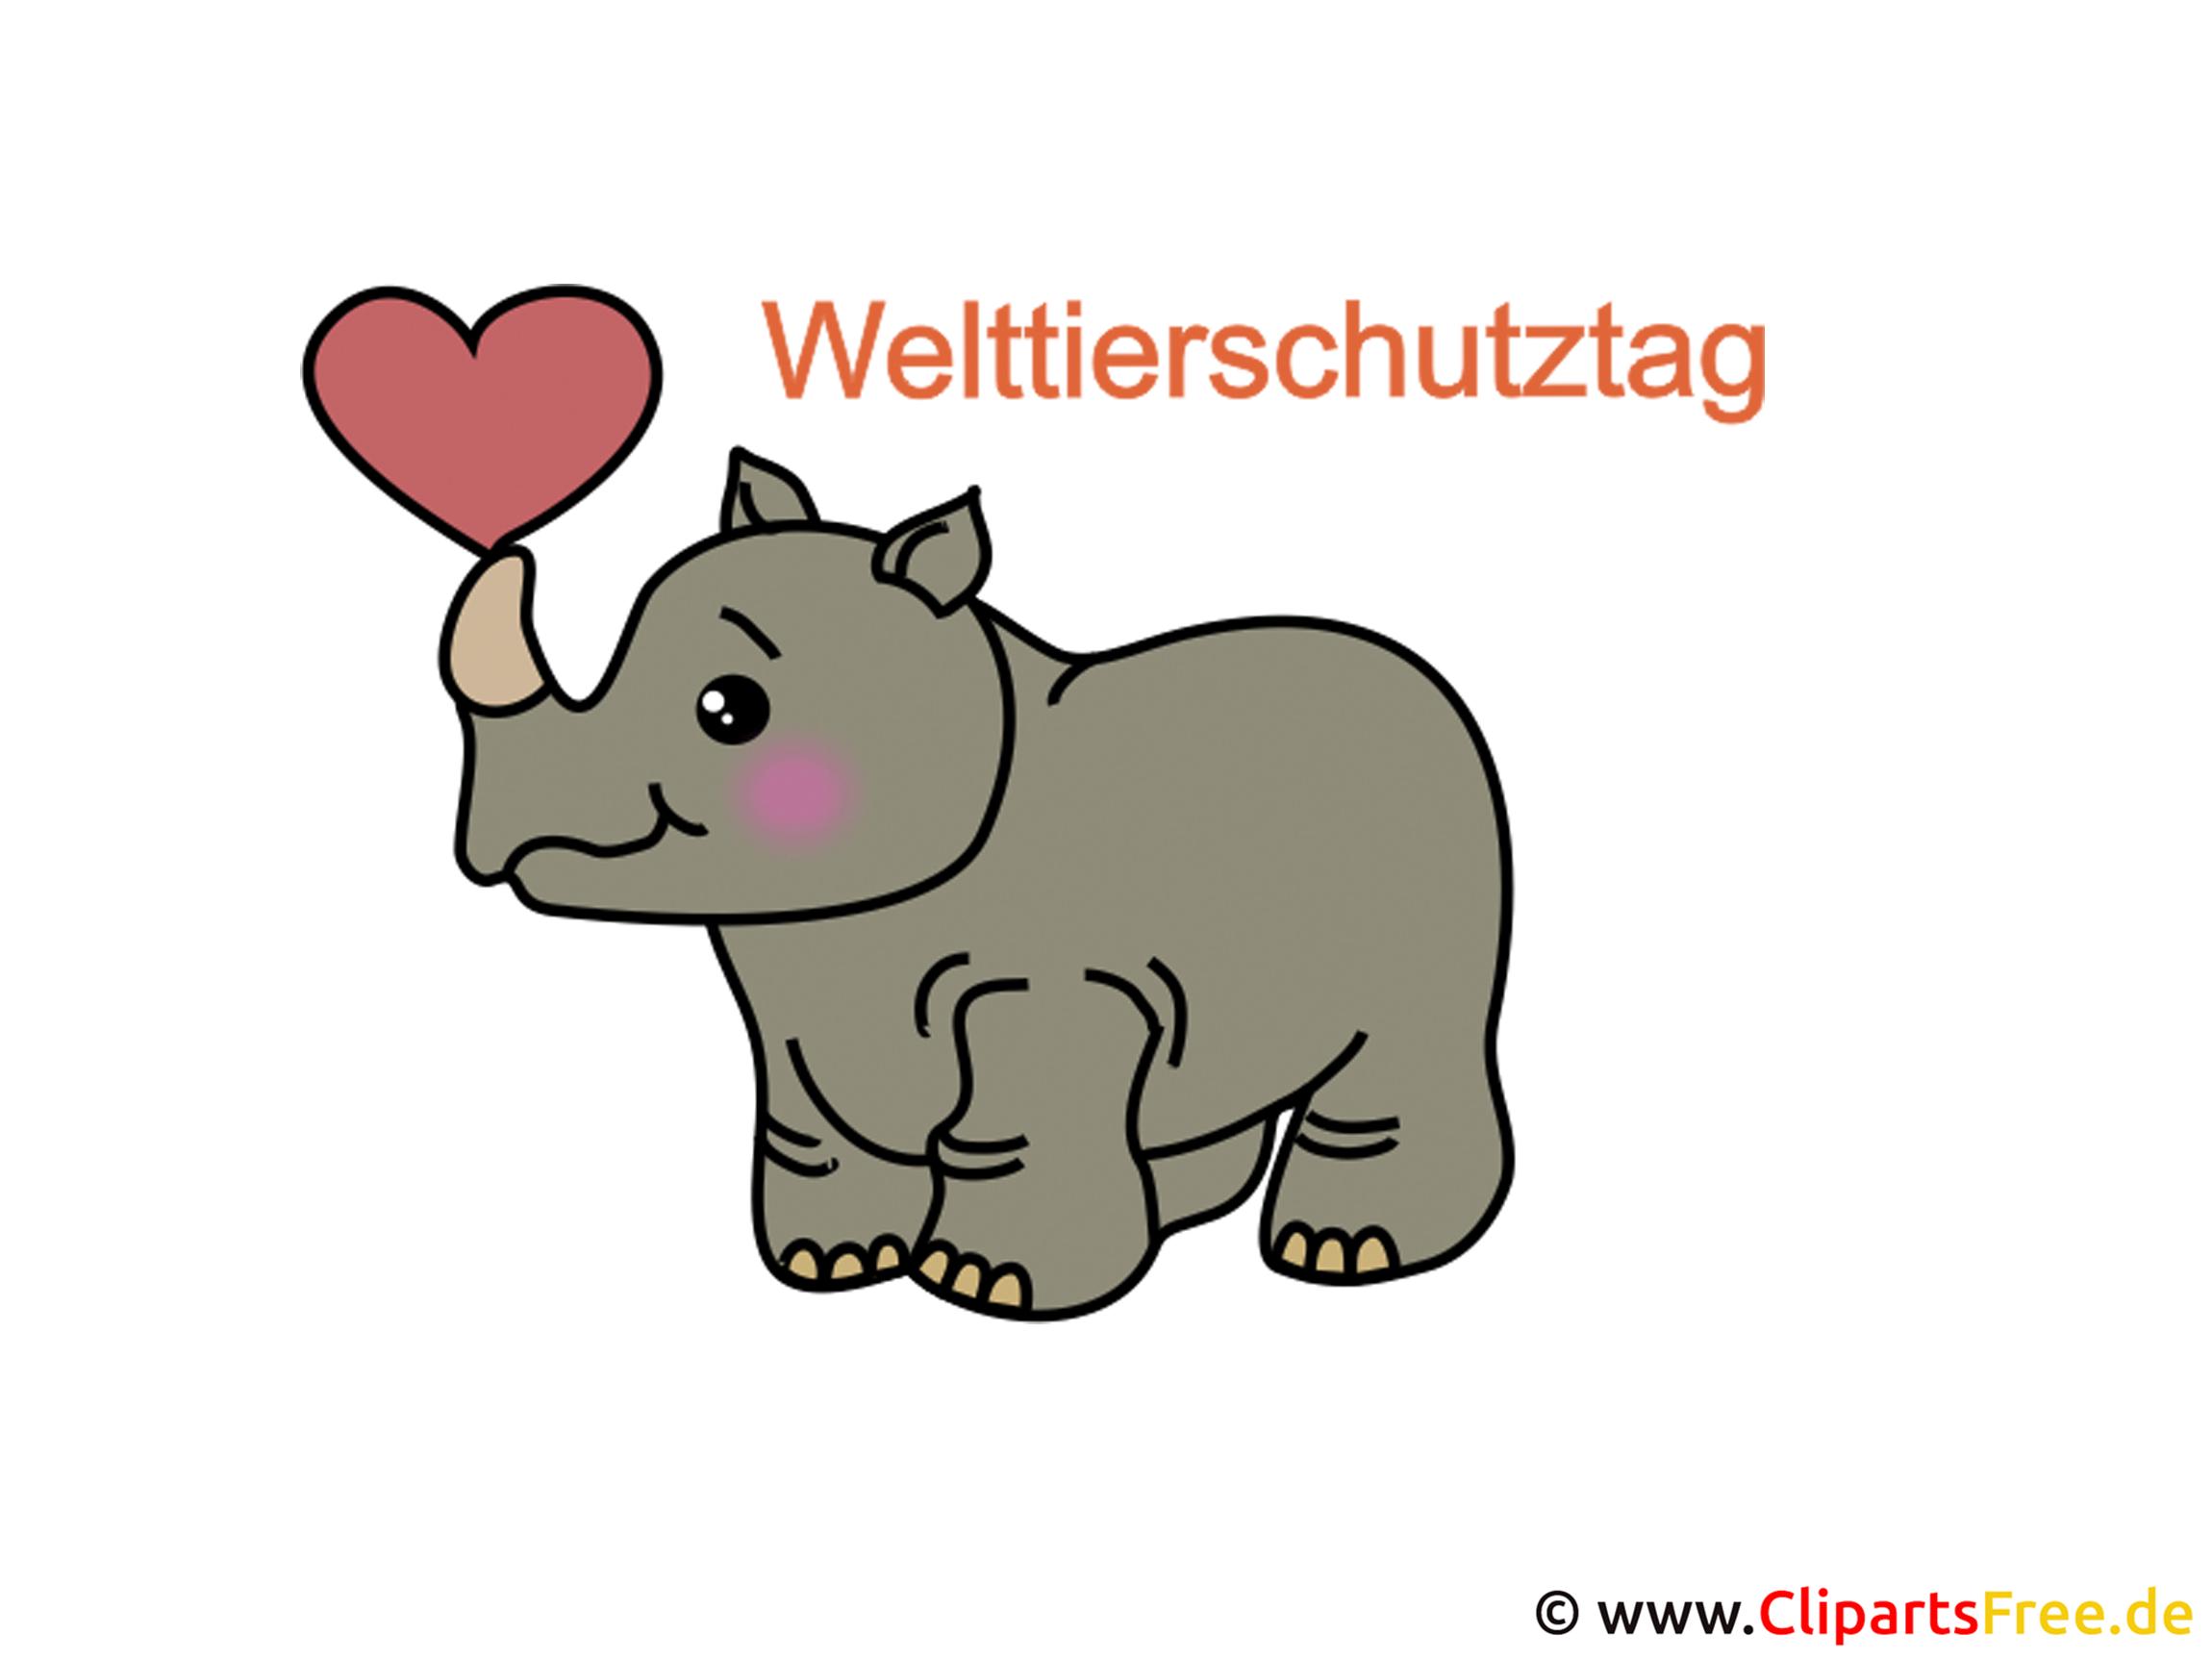 Clipart kostenlos zum Welttierschutztag